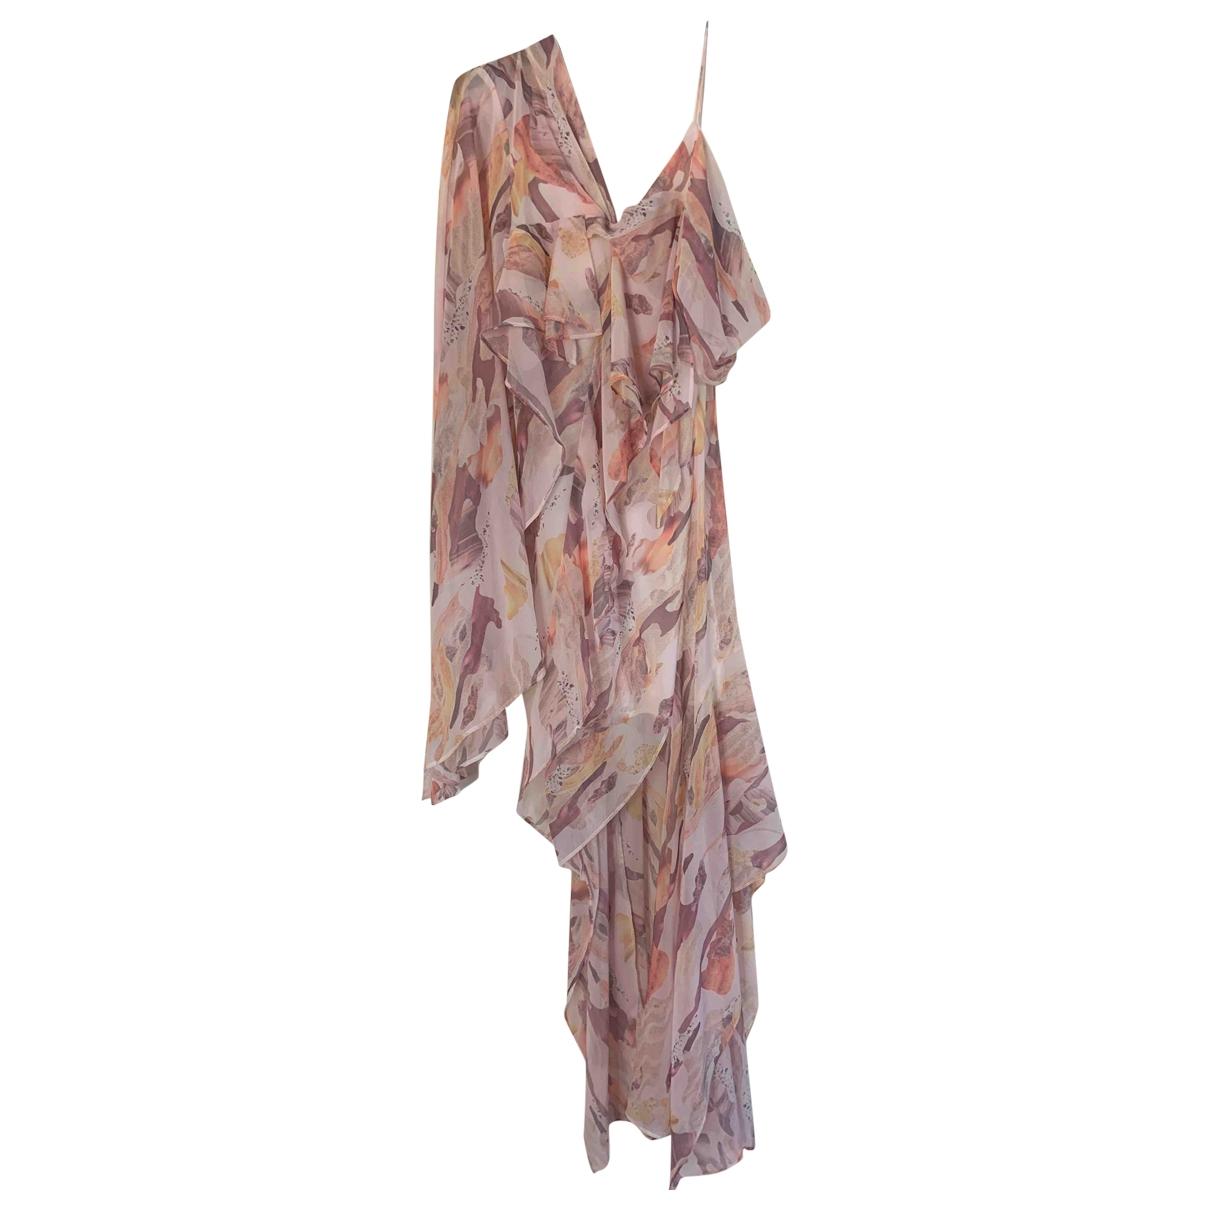 Acler \N Kleid in  Bunt Polyester